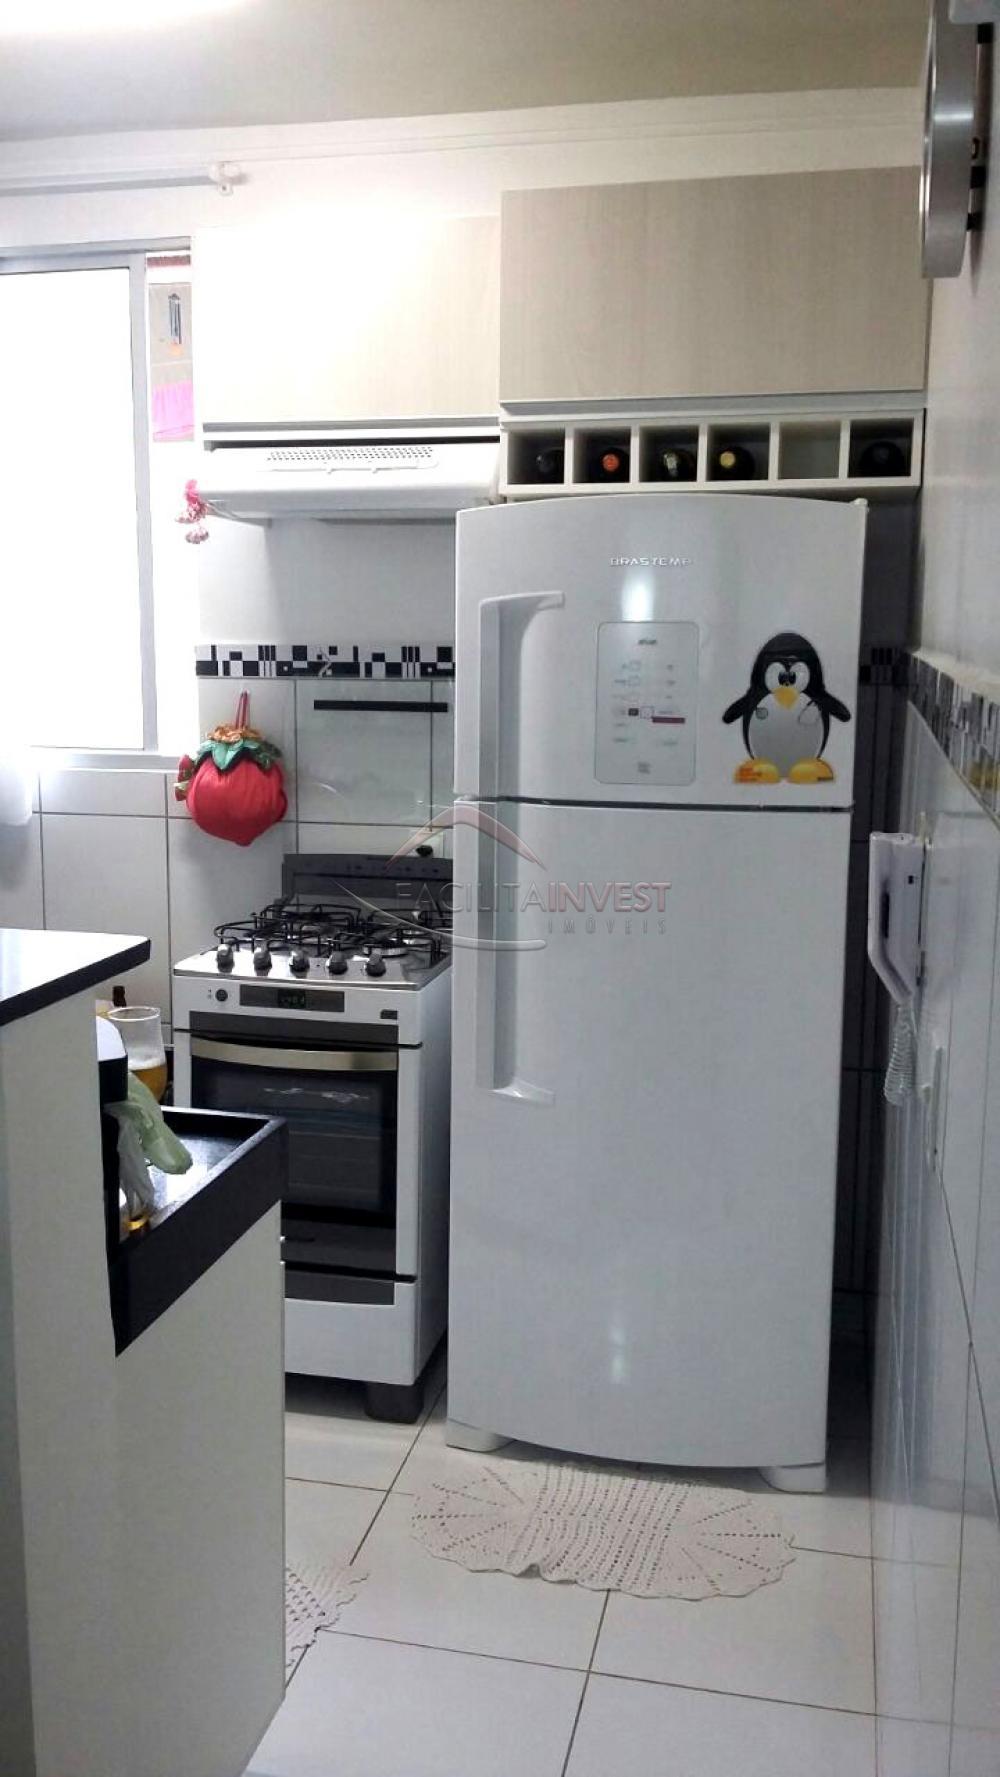 Comprar Apartamentos / Cobertura em Ribeirão Preto apenas R$ 220.000,00 - Foto 3